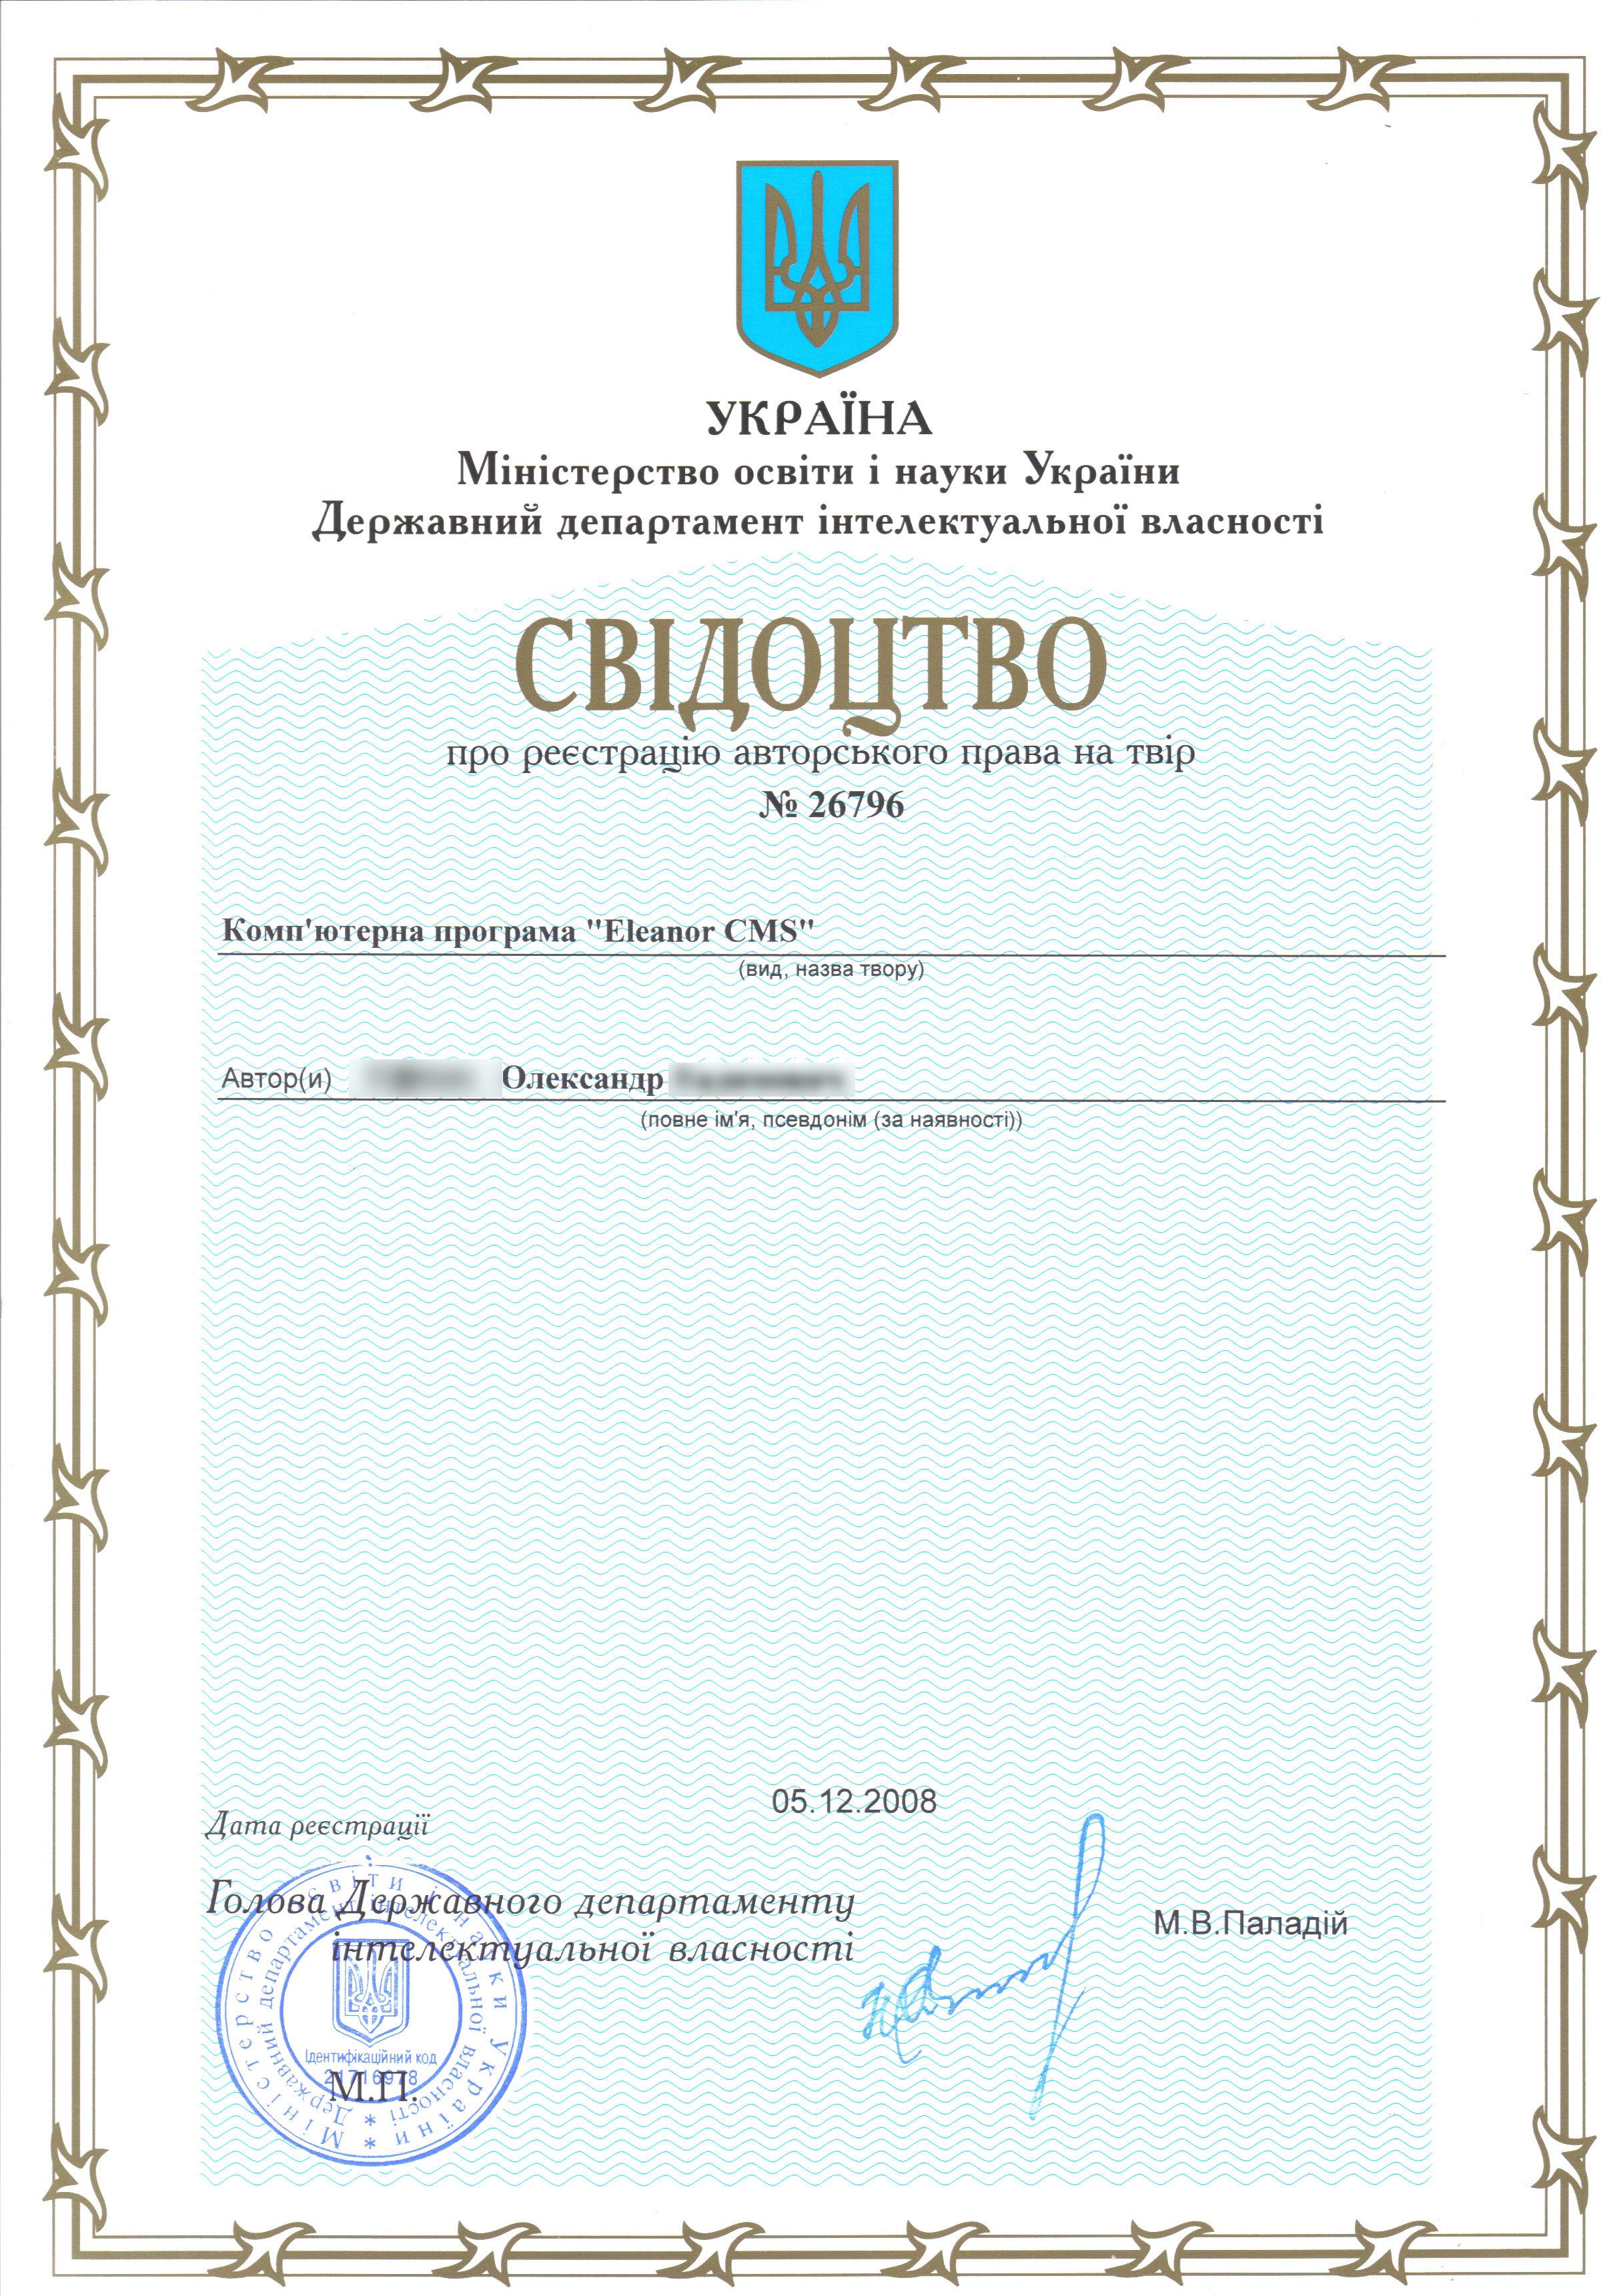 Свидетельство про регистрацию авторского права на произведение 5214 от 7 апреля 2002 года.